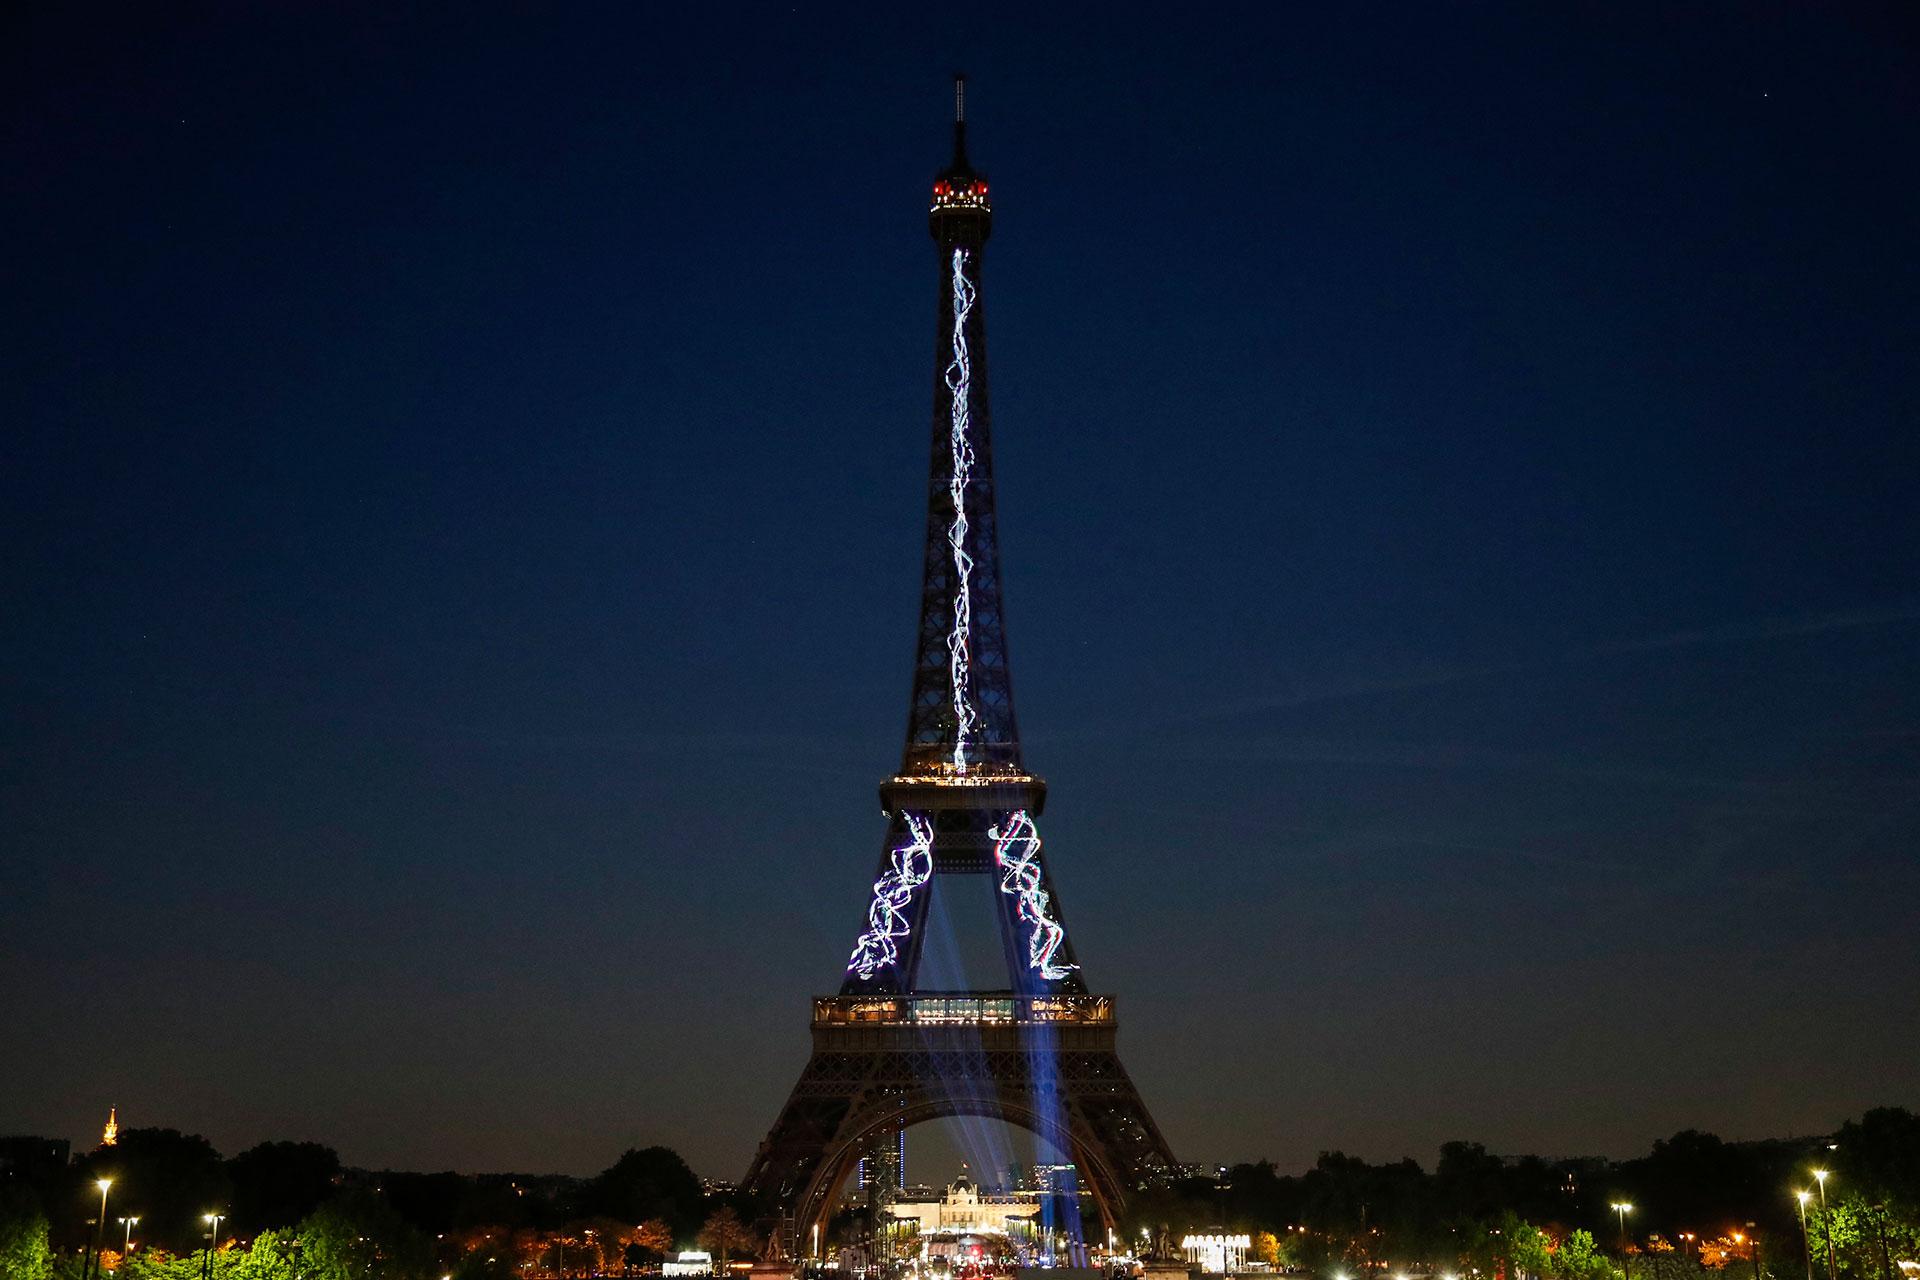 Construida para la Exposición Universal de 1889, con una altura de 324 metros y un peso de 7.300 toneladas, la Torre Eiffel atrae a casi siete millones de visitantes cada año.